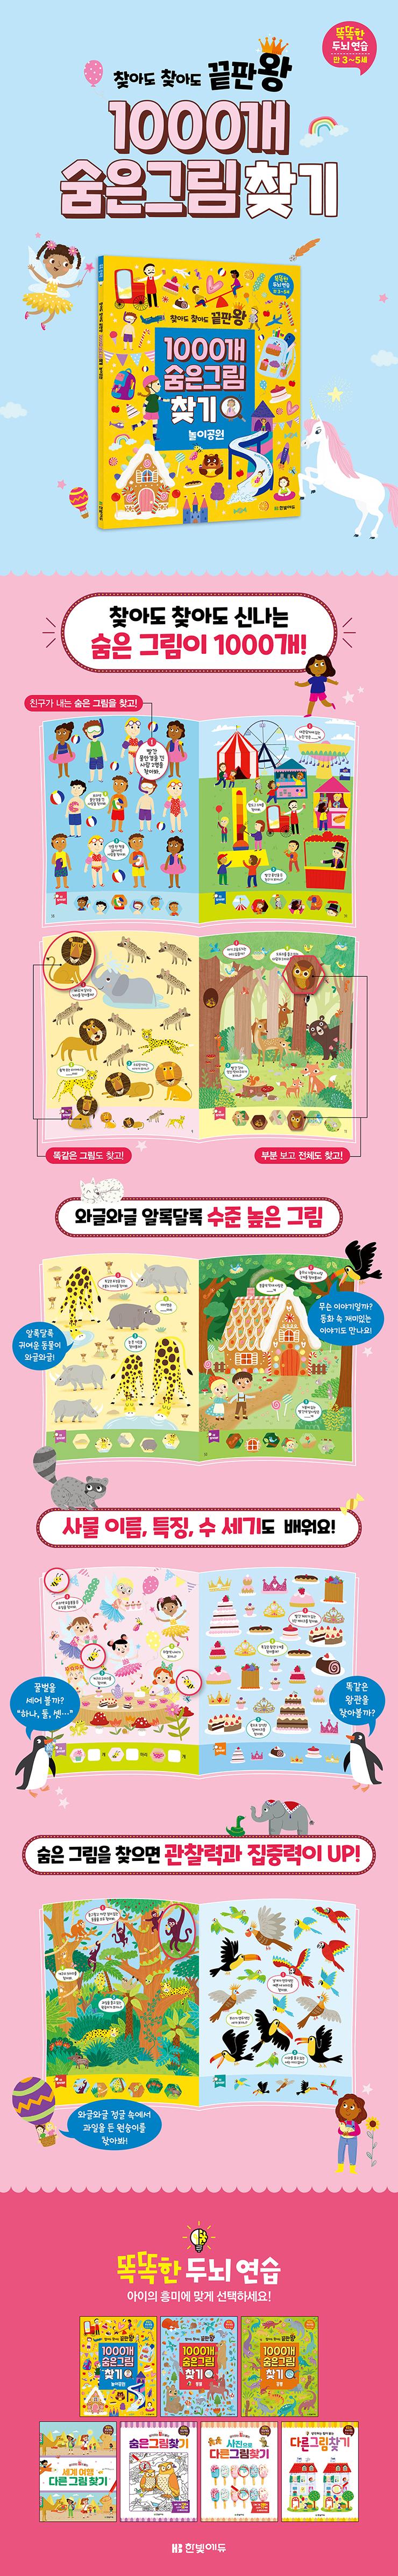 숨은그림찾기-상세페이지-놀이공원(740).jpg